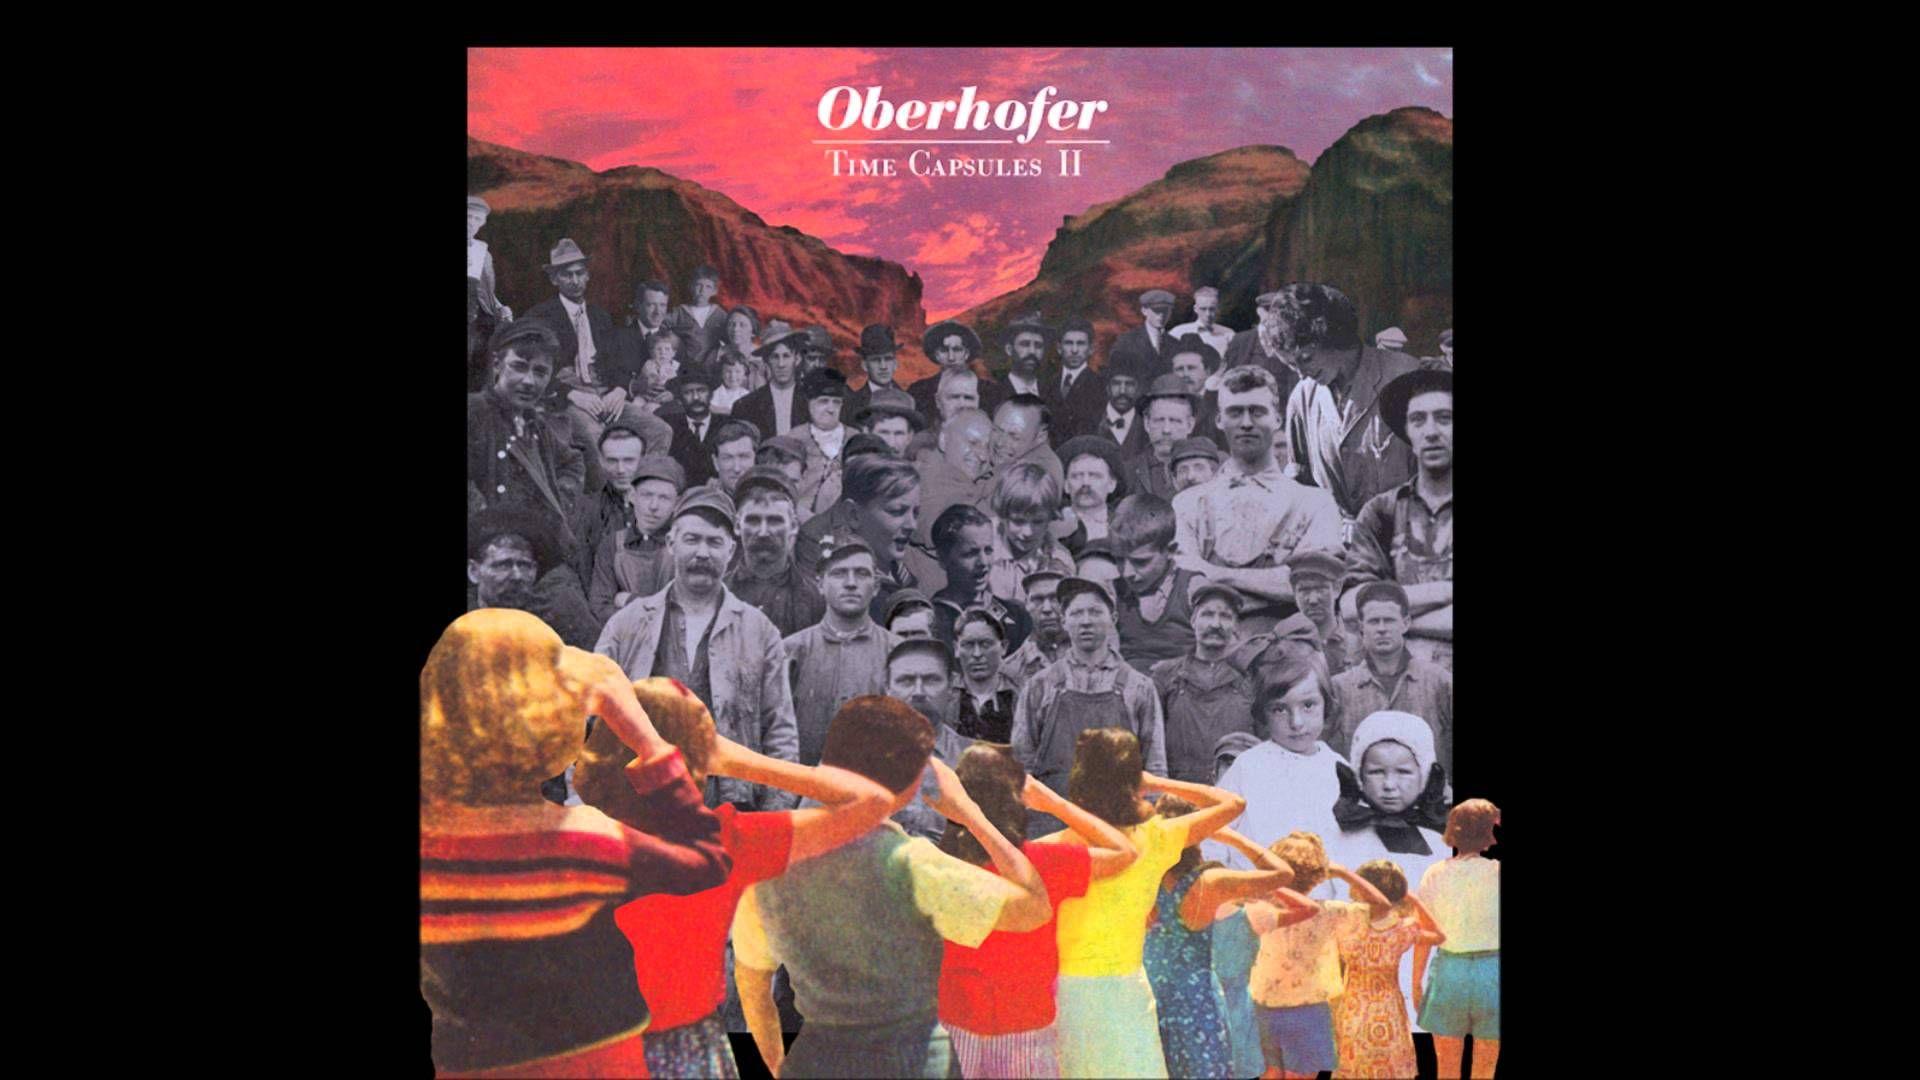 Oberhofer - Yr Face